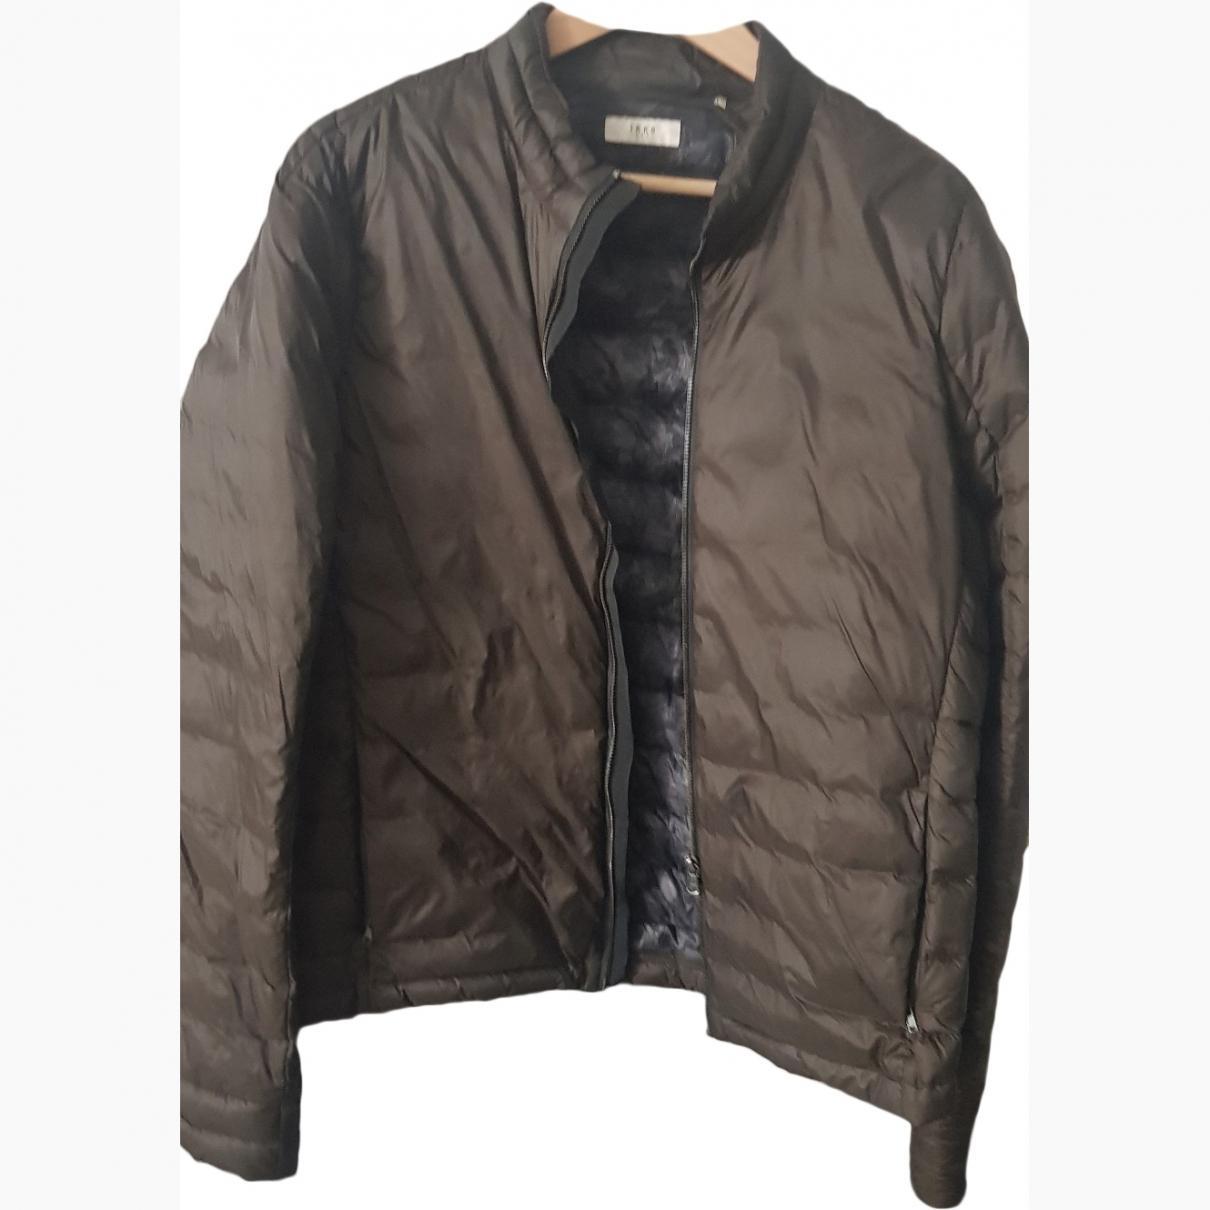 Ikks \N Khaki coat  for Men L International